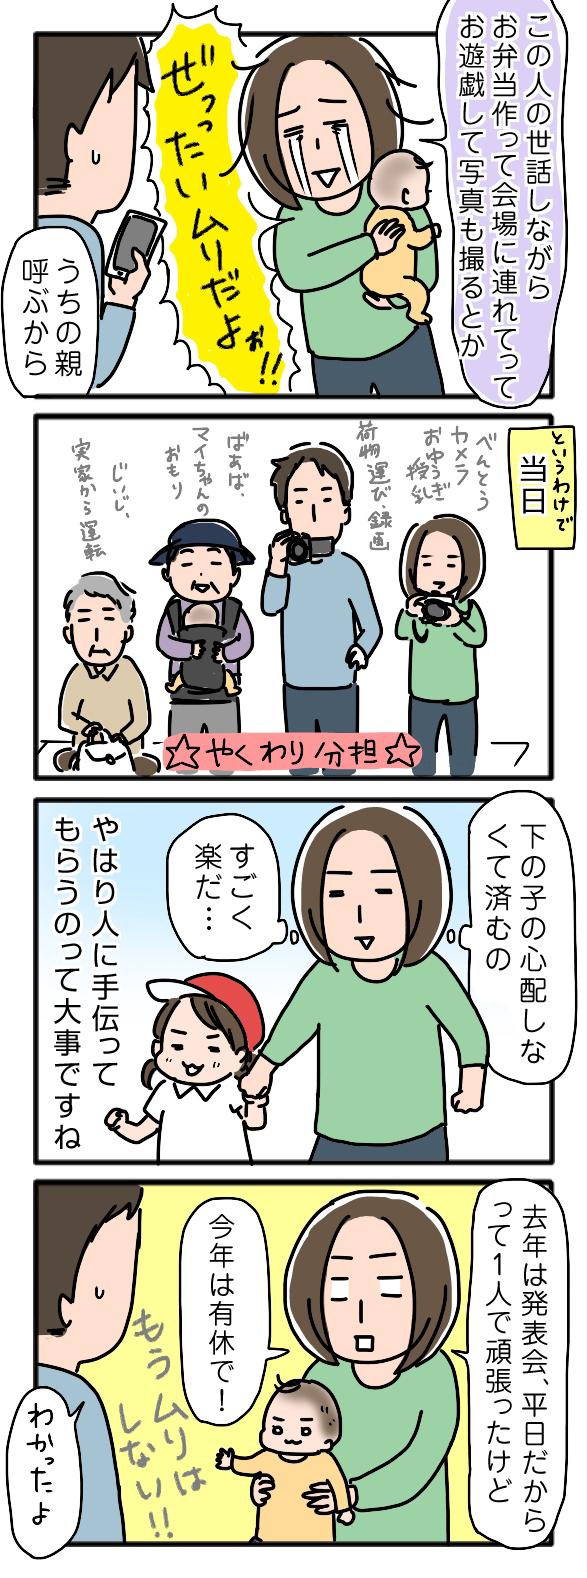 初めての運動会はやることがたくさん・・・困った時は、あの人にヘルプ! ~姉ちゃんは育児中 番外編3~の画像1